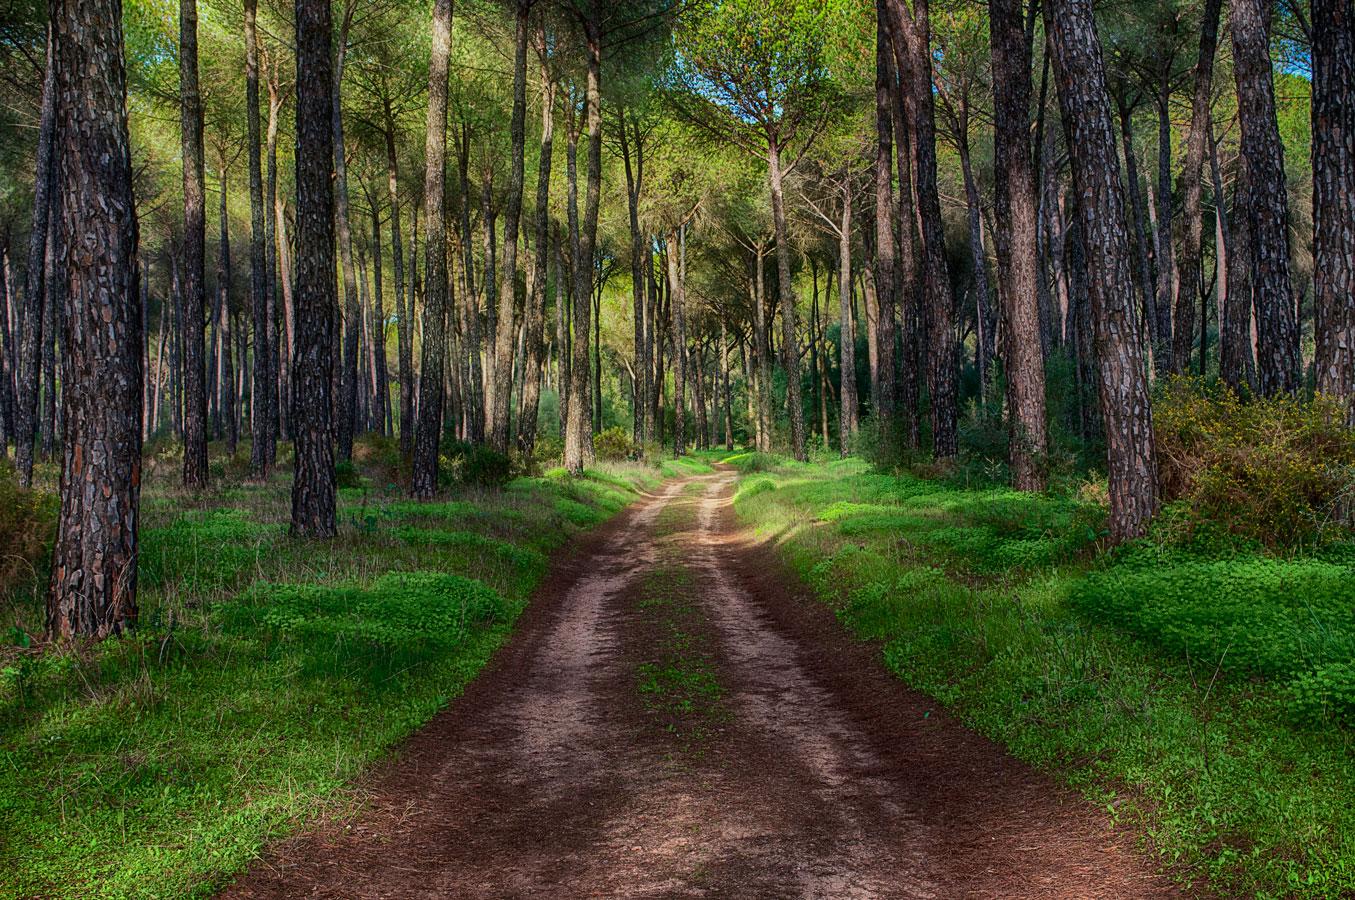 Fotografía de Miguel Portillo. Título: Andaré los caminos.